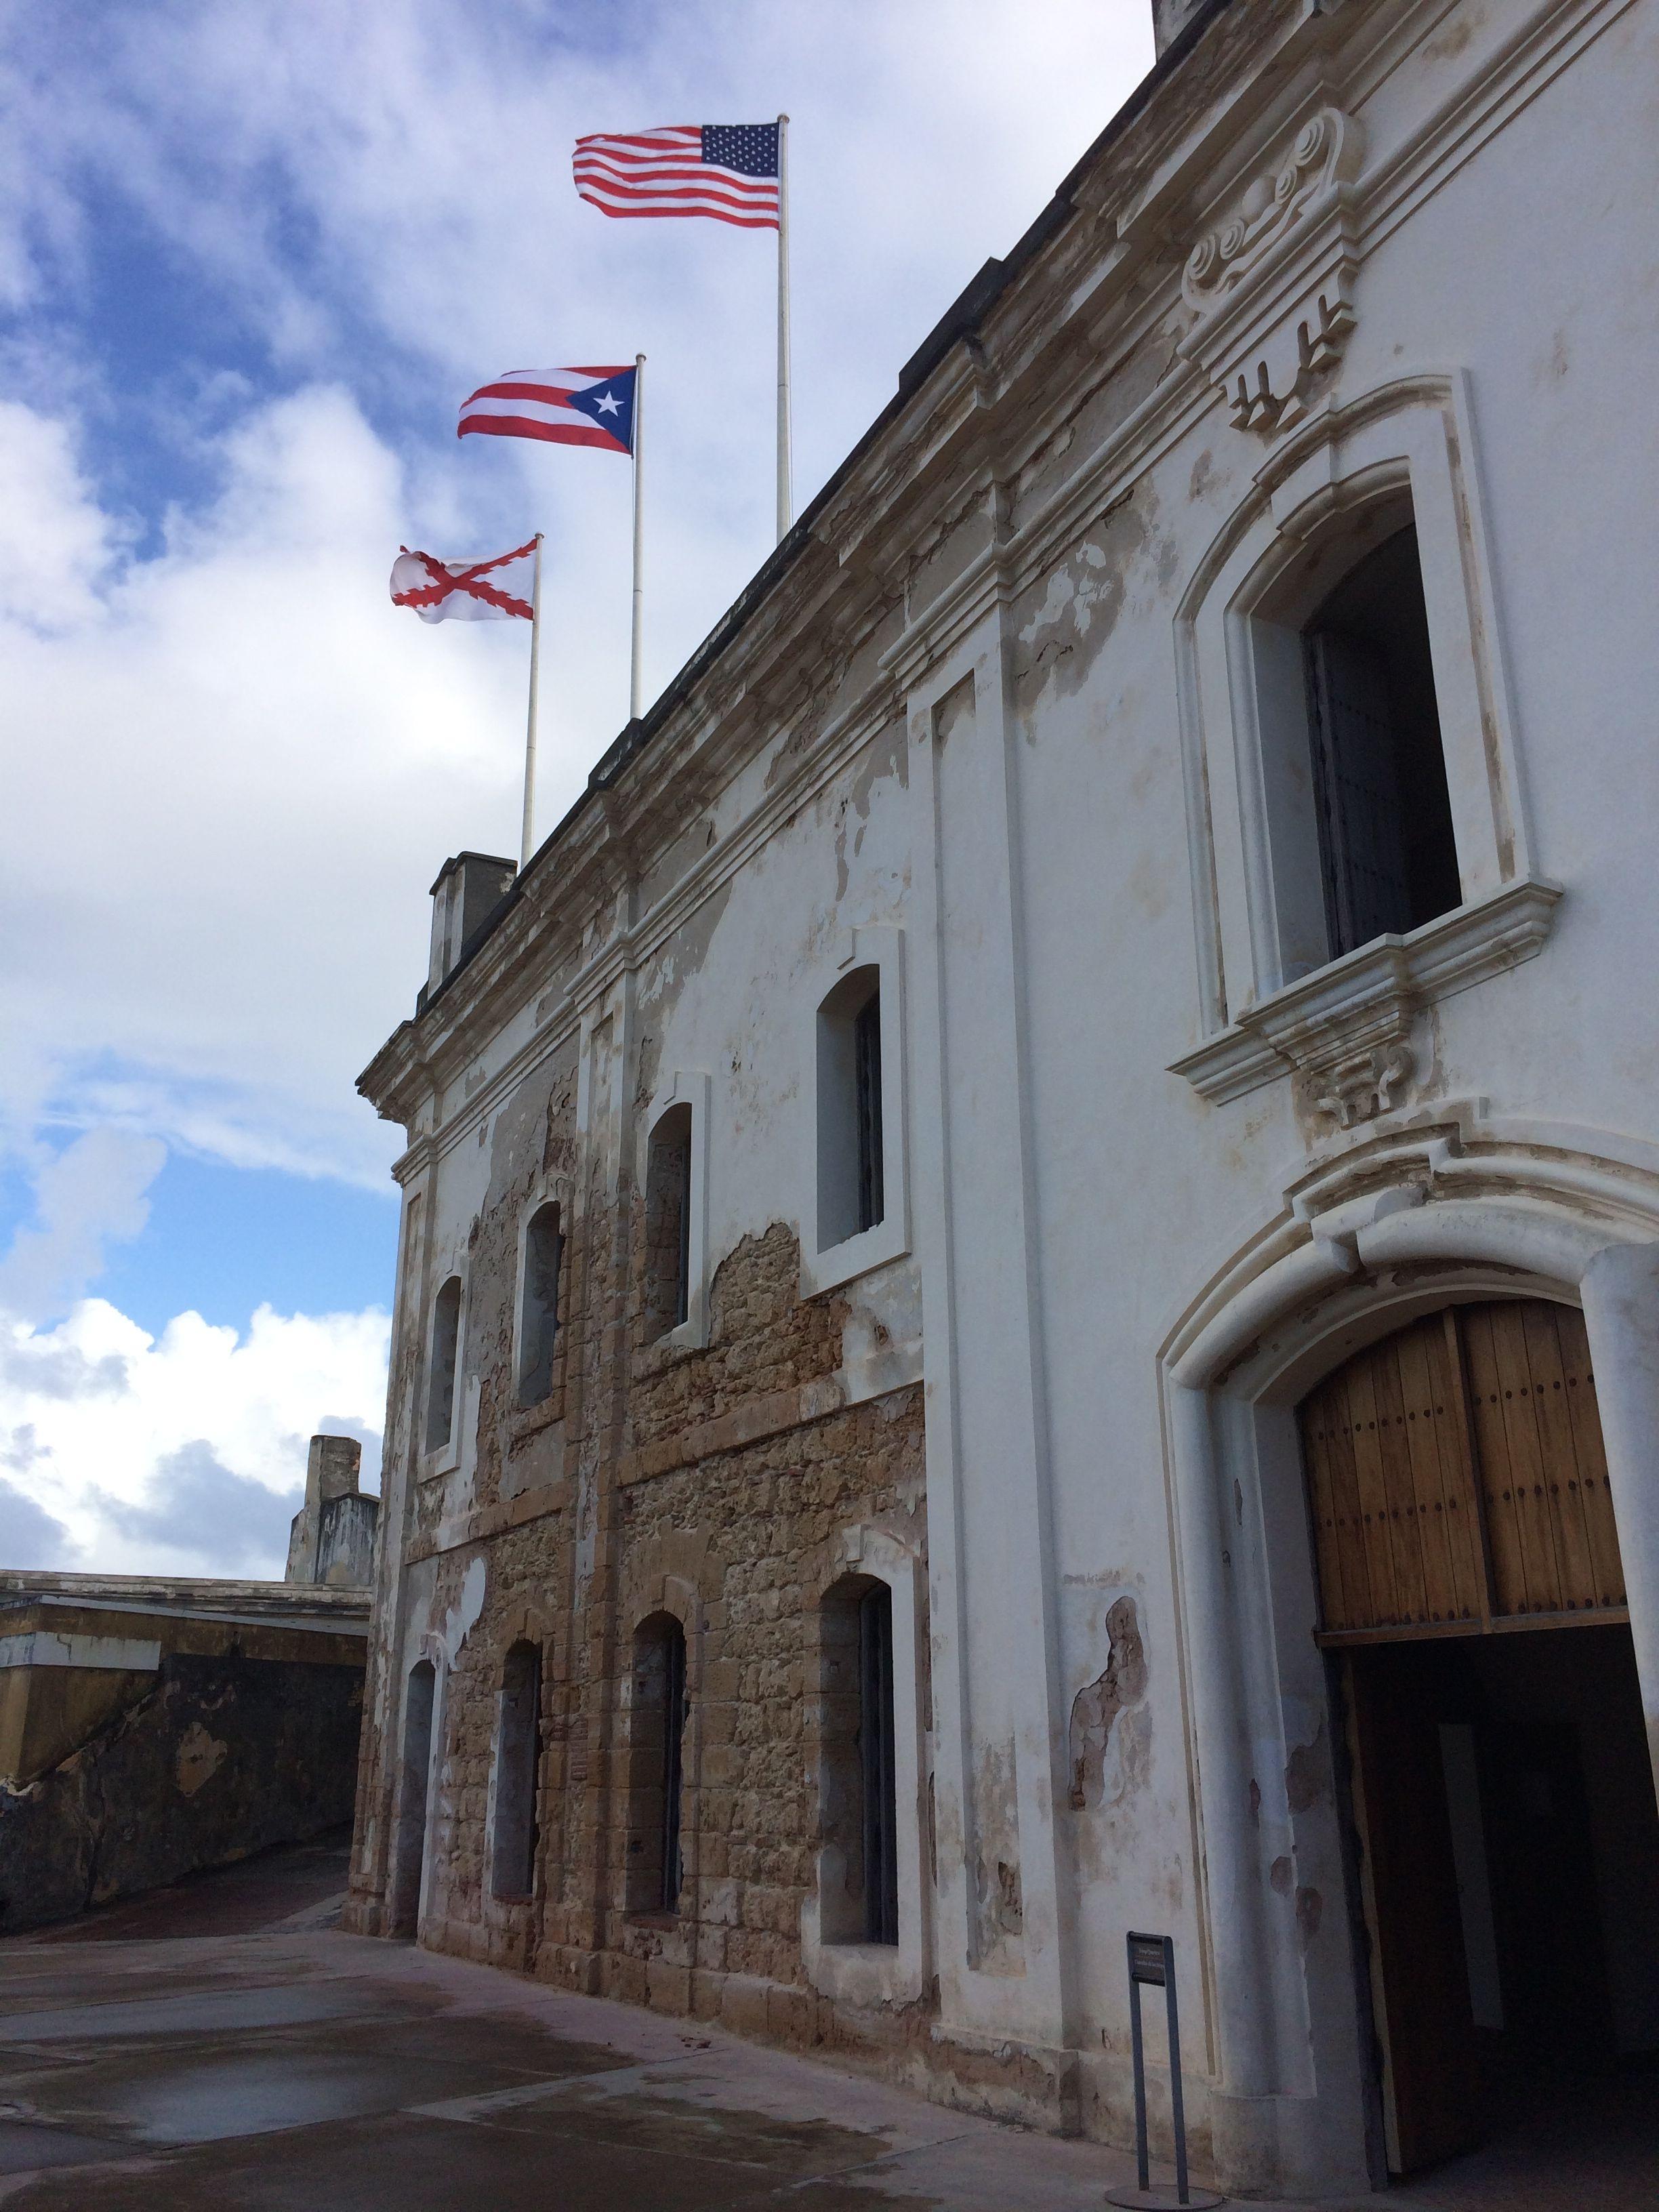 San Juan - Old town